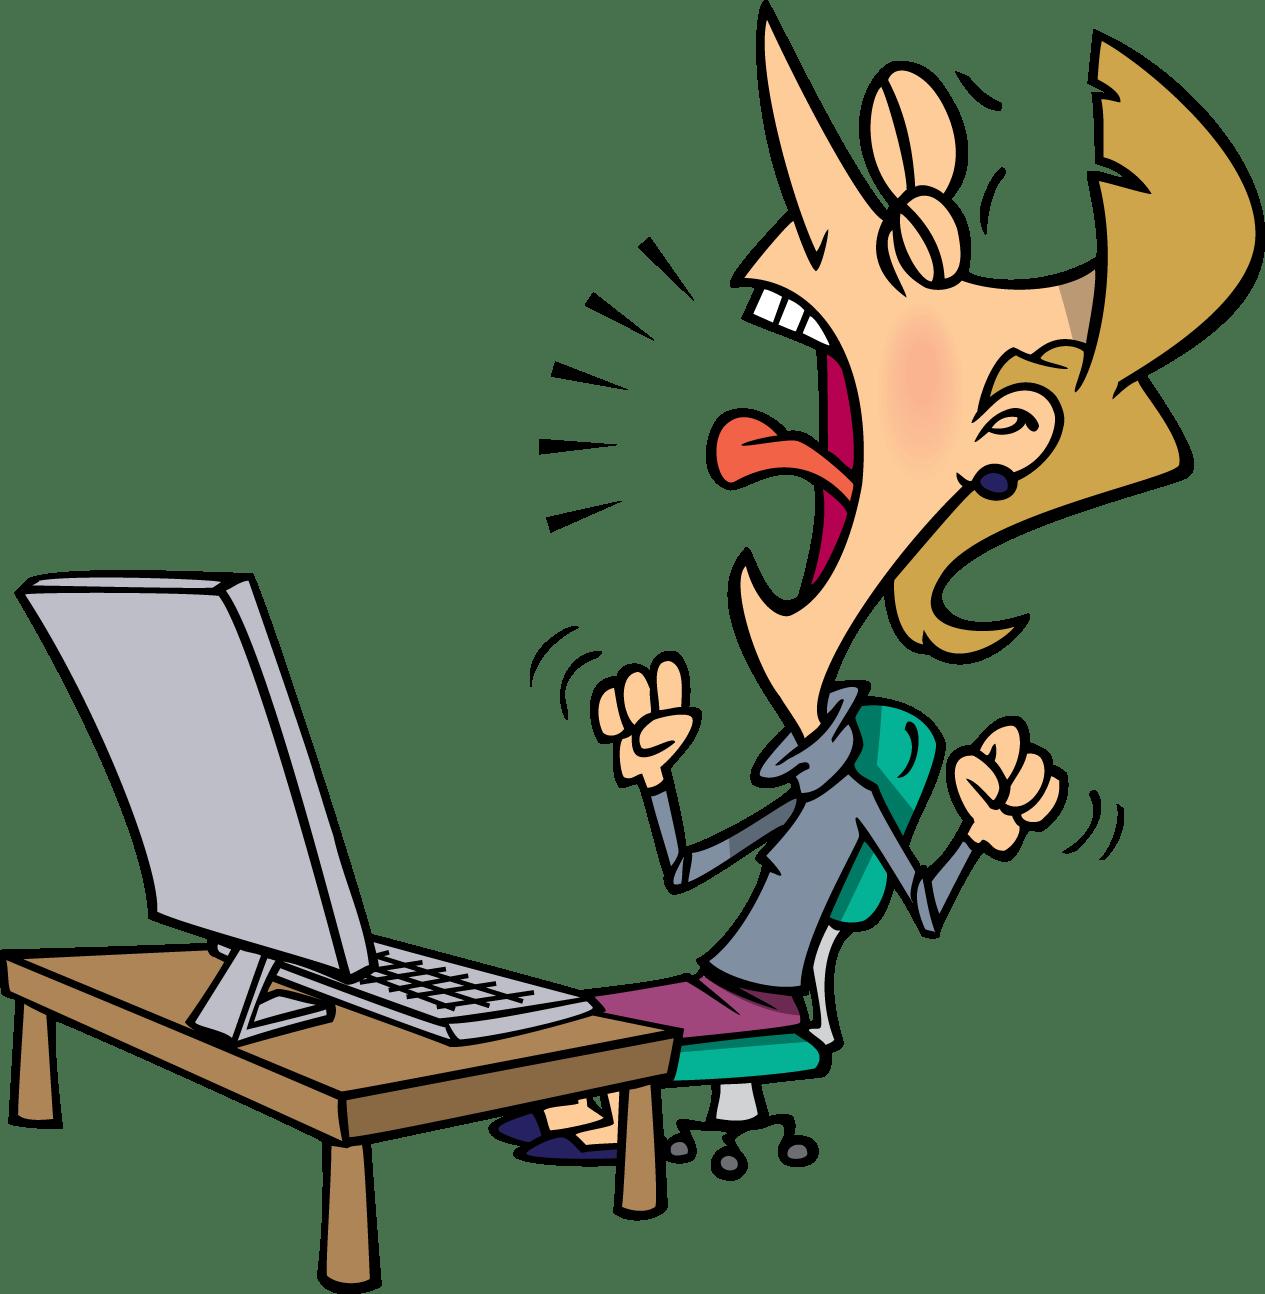 medium resolution of jag jobbar som frilanserande skribent jag fick i uppdrag en artikel p 4k ord jag hade en tight deadline jag satte mig ner och b rjade skriva